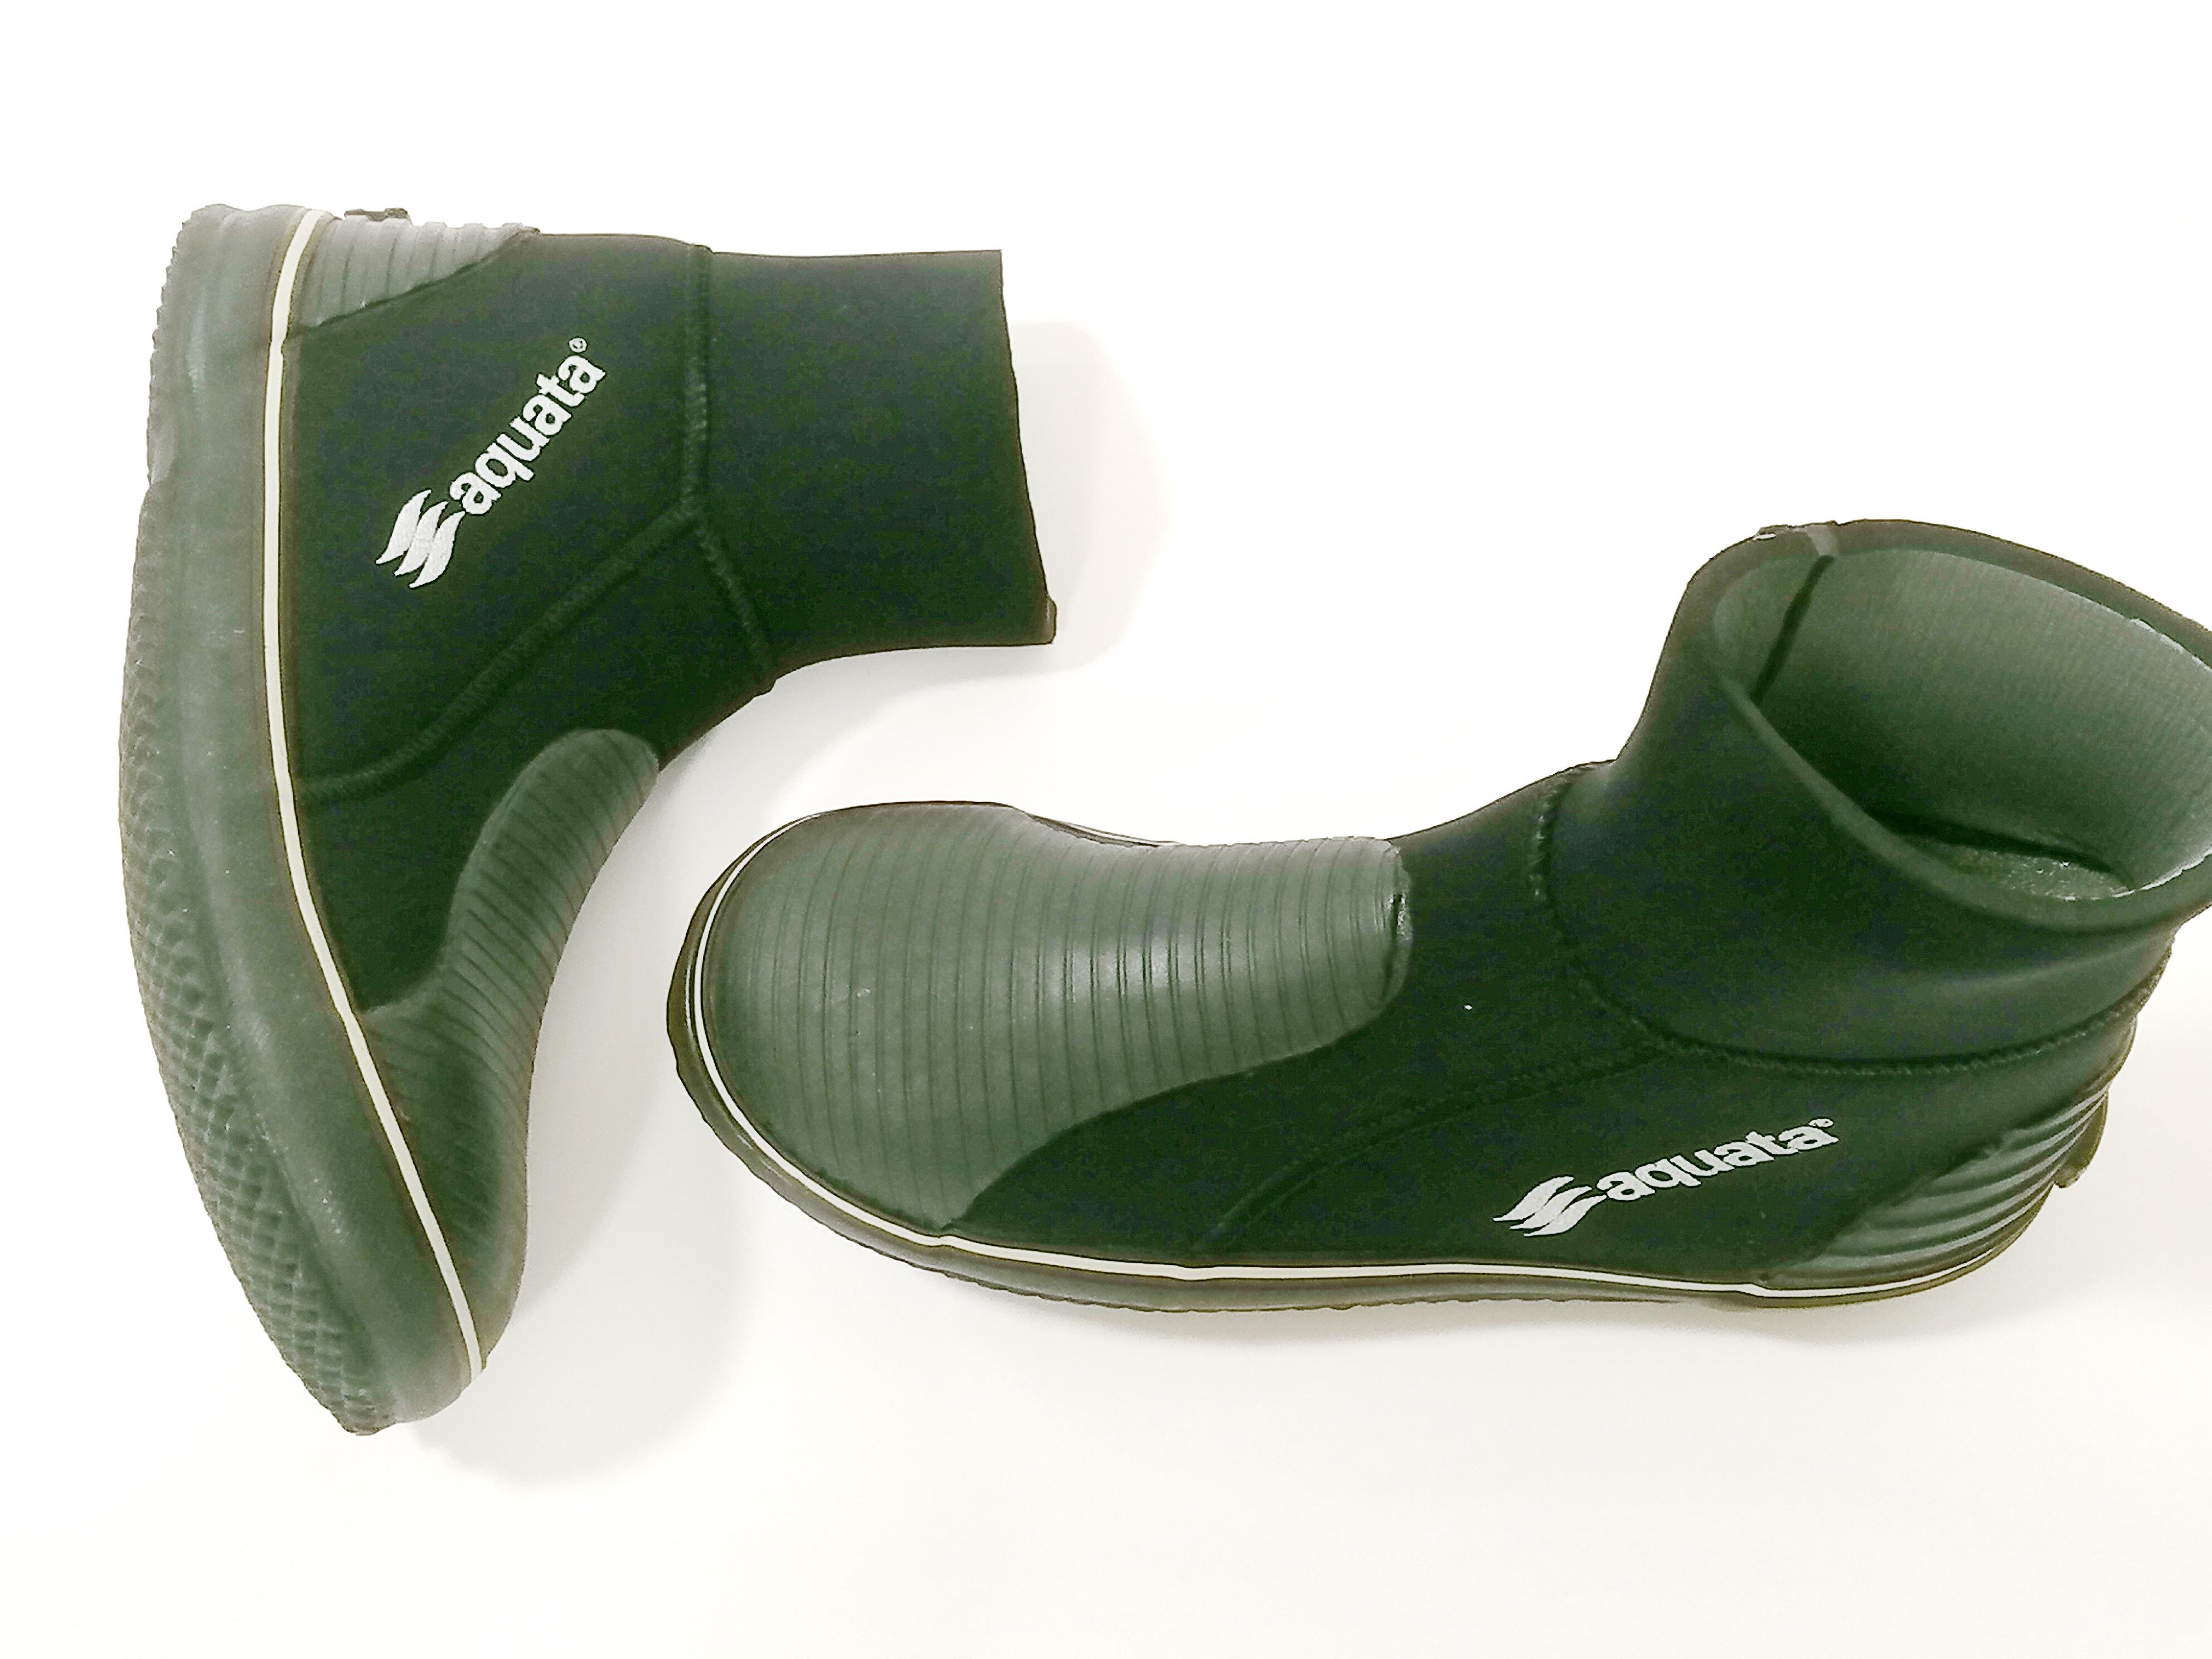 Tauch Schuh mit Manschette